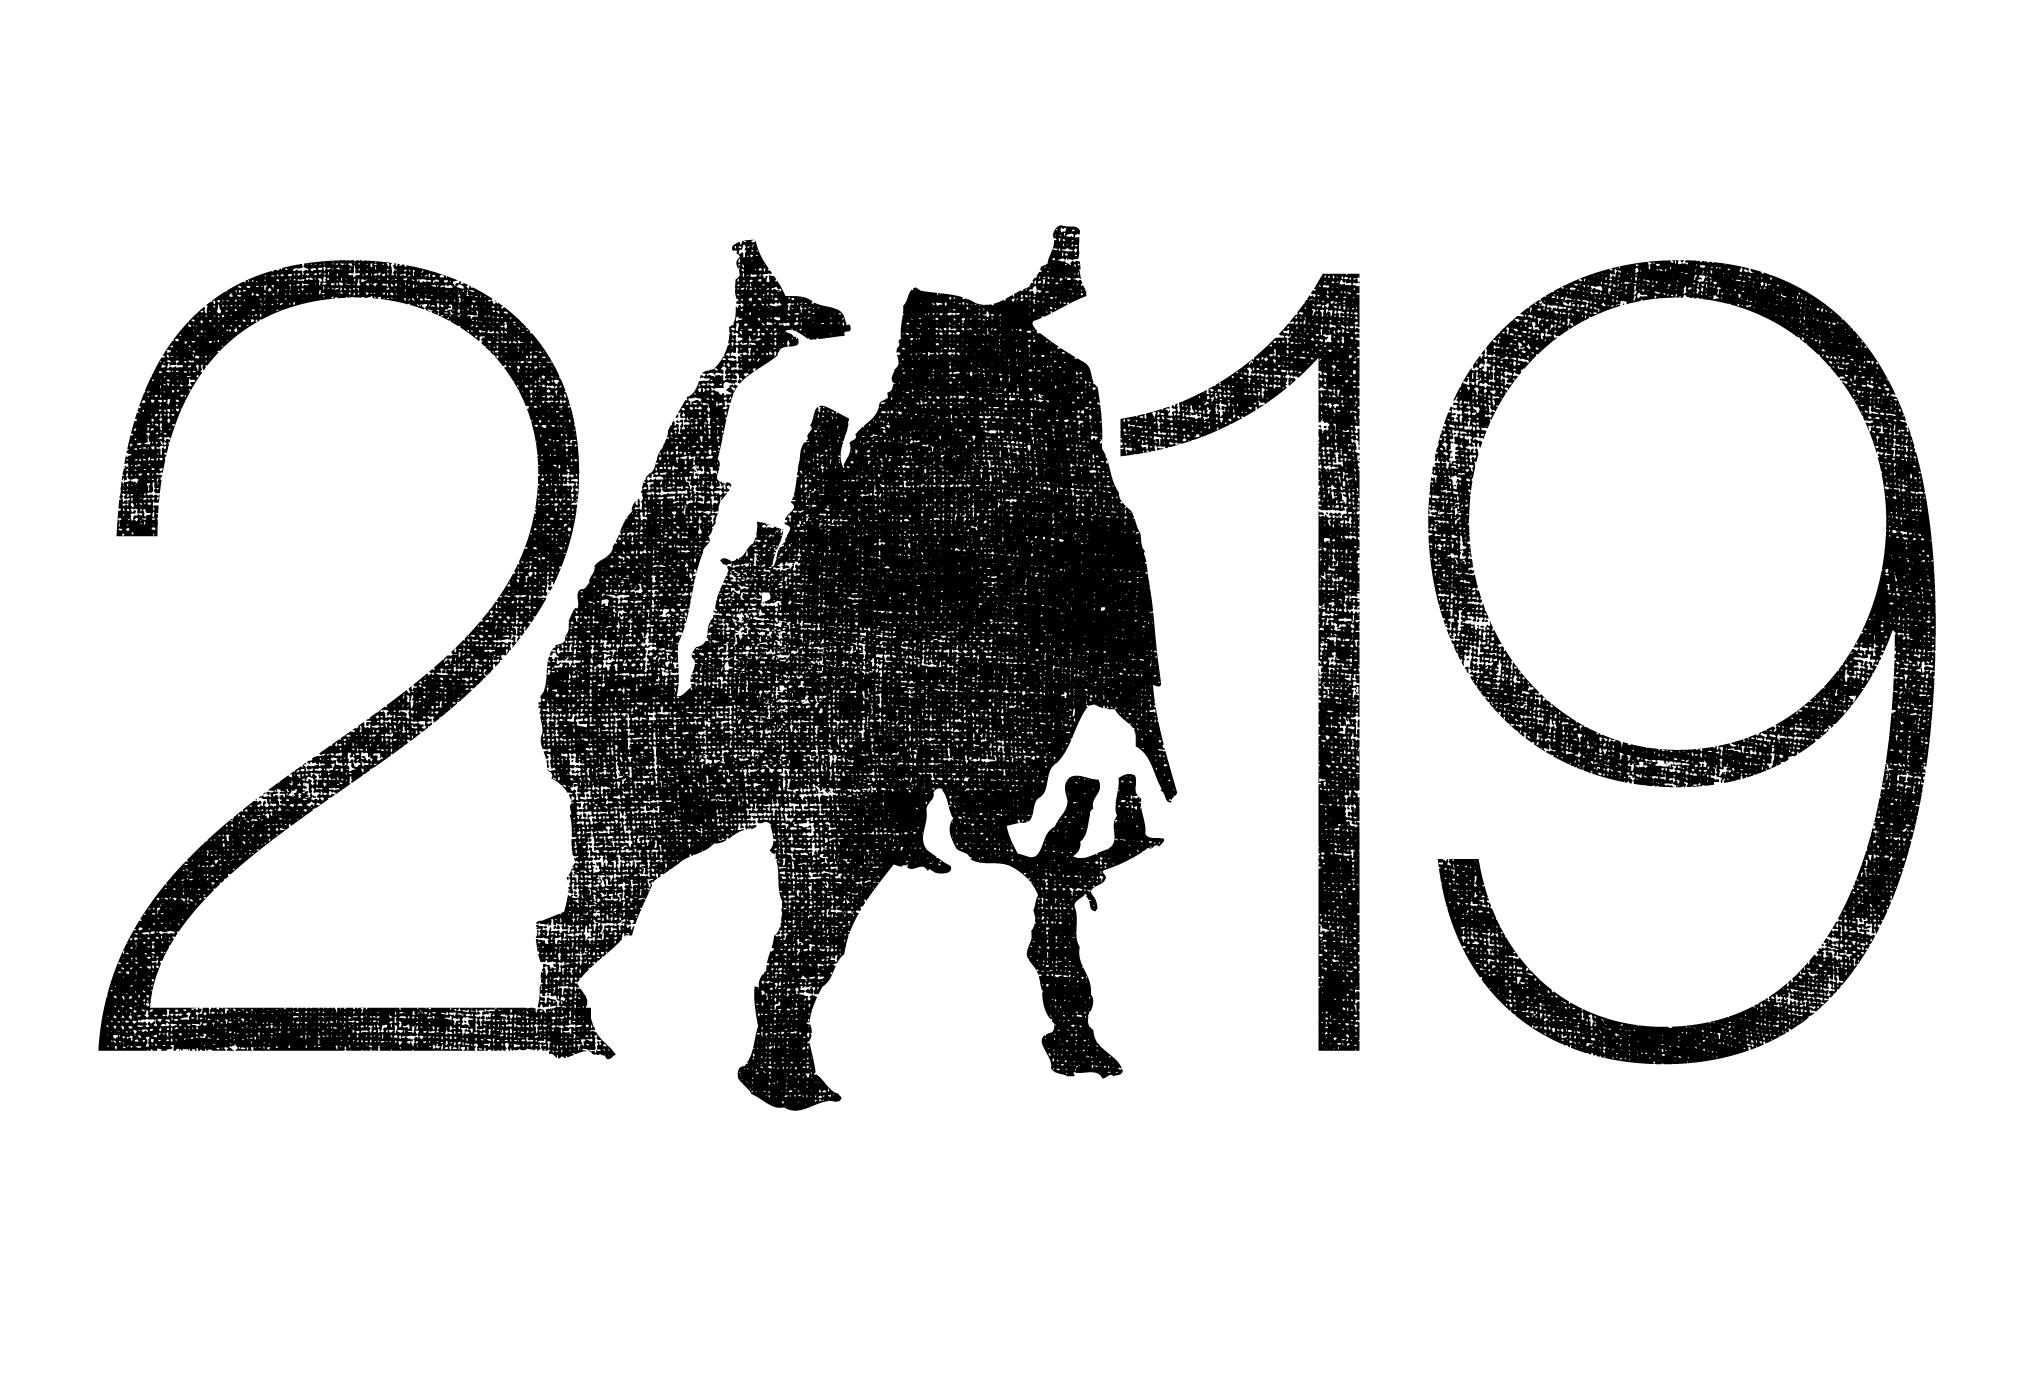 2019年賀状11:Wild boar 2019のダウンロード画像